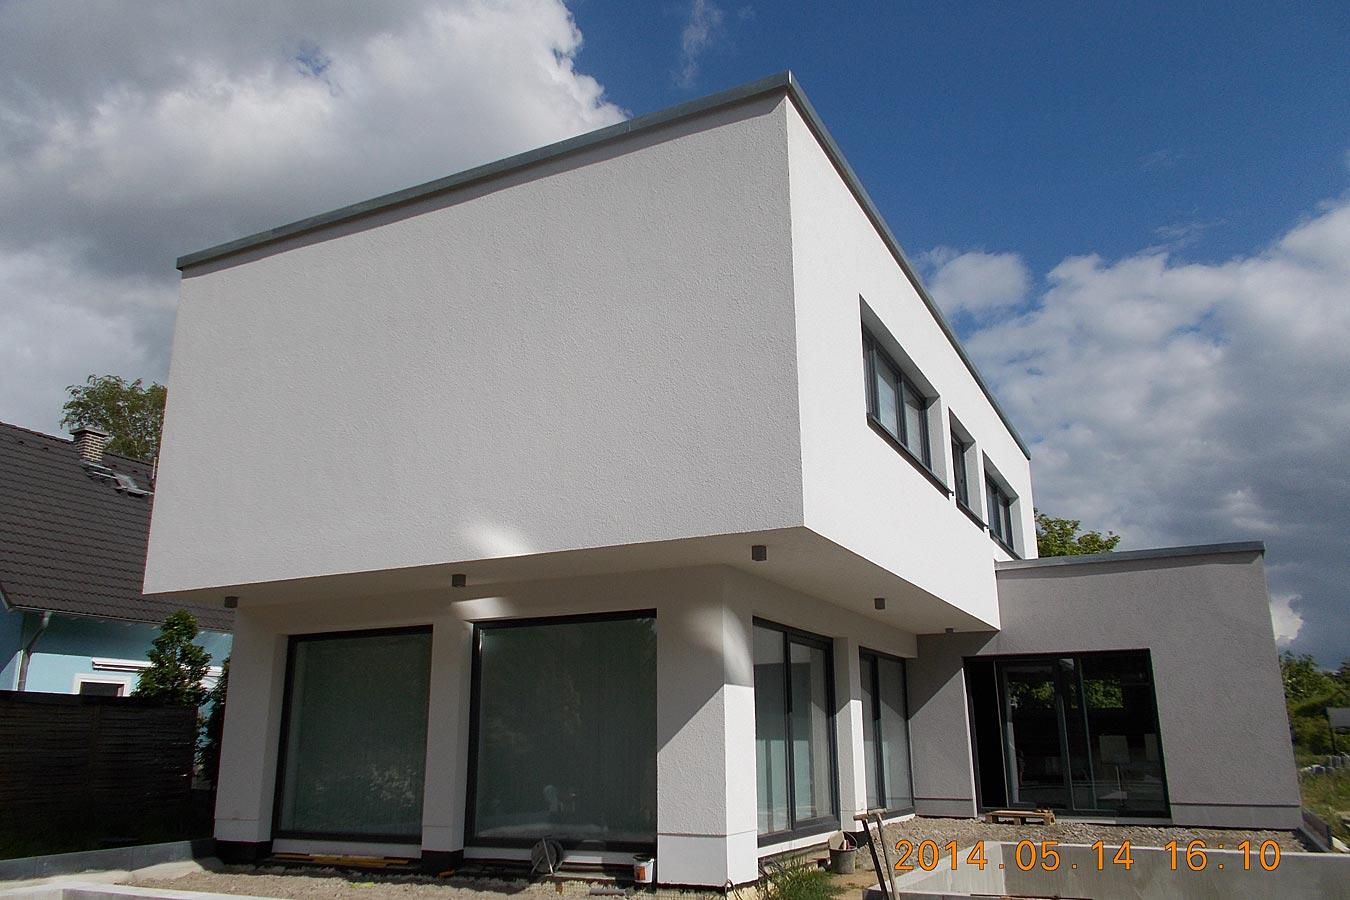 Wir bauen ihr Wunschhaus - Willkommen bei der empliner Hausbau GmbH size: 1350 x 900 post ID: 7 File size: 0 B